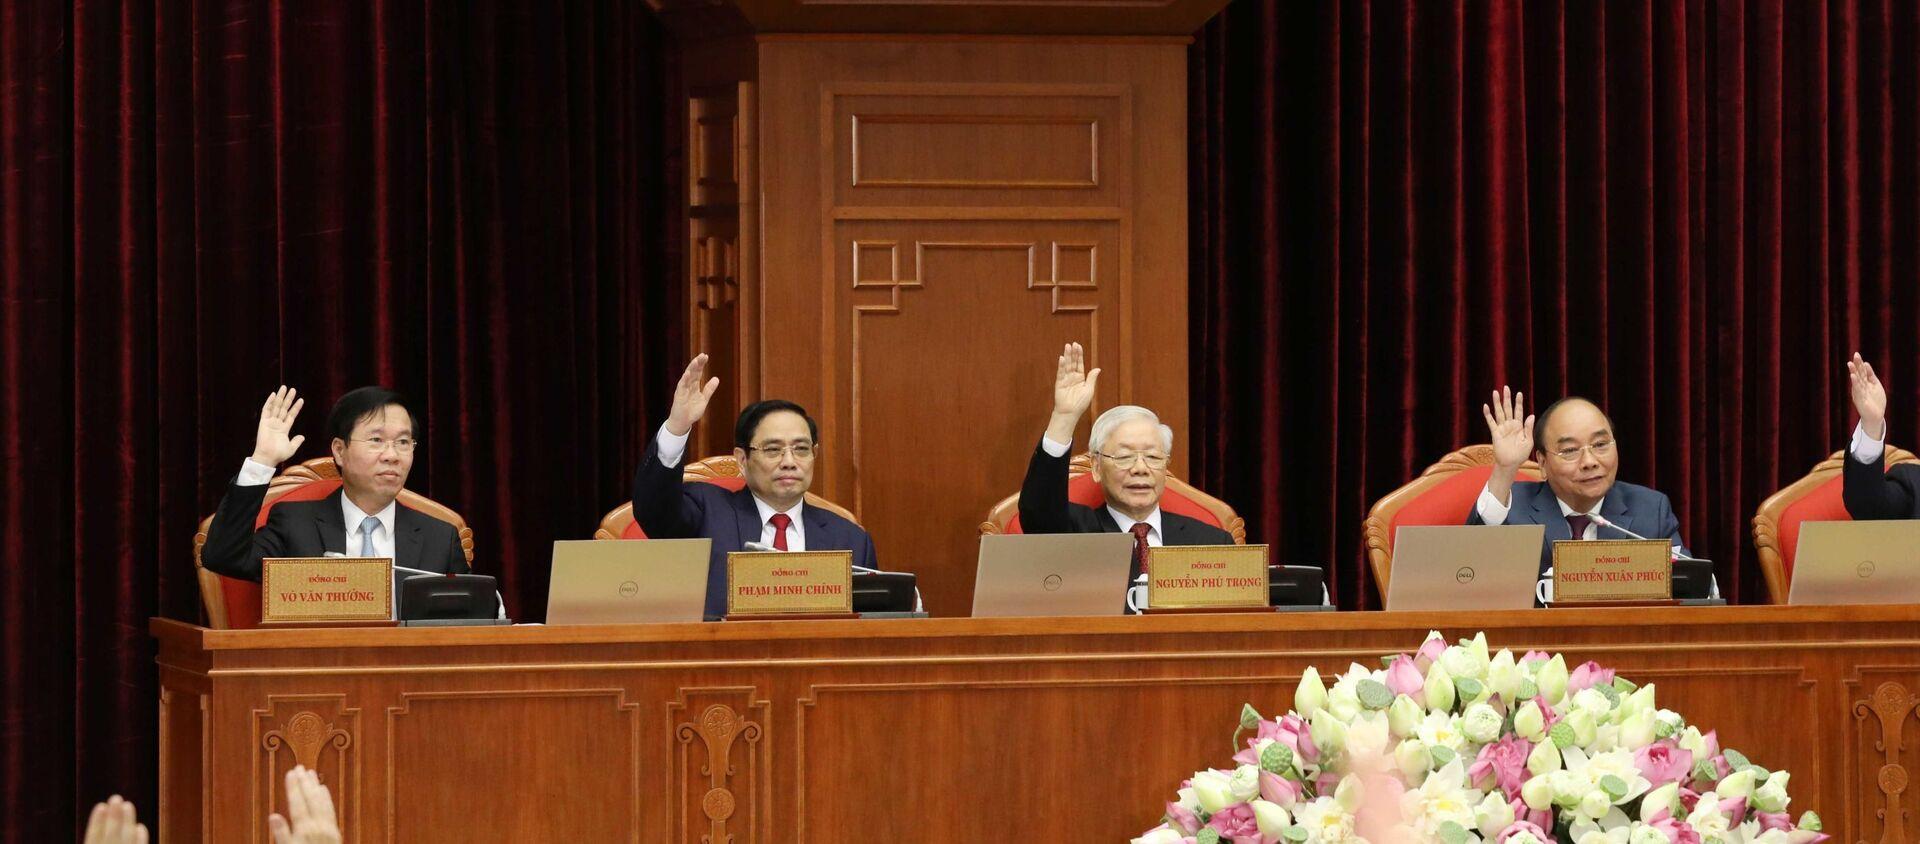 Các đồng chí lãnh đạo Đảng, Nhà nước biểu quyết thông qua chương trình Hội nghị. - Sputnik Việt Nam, 1920, 13.07.2021